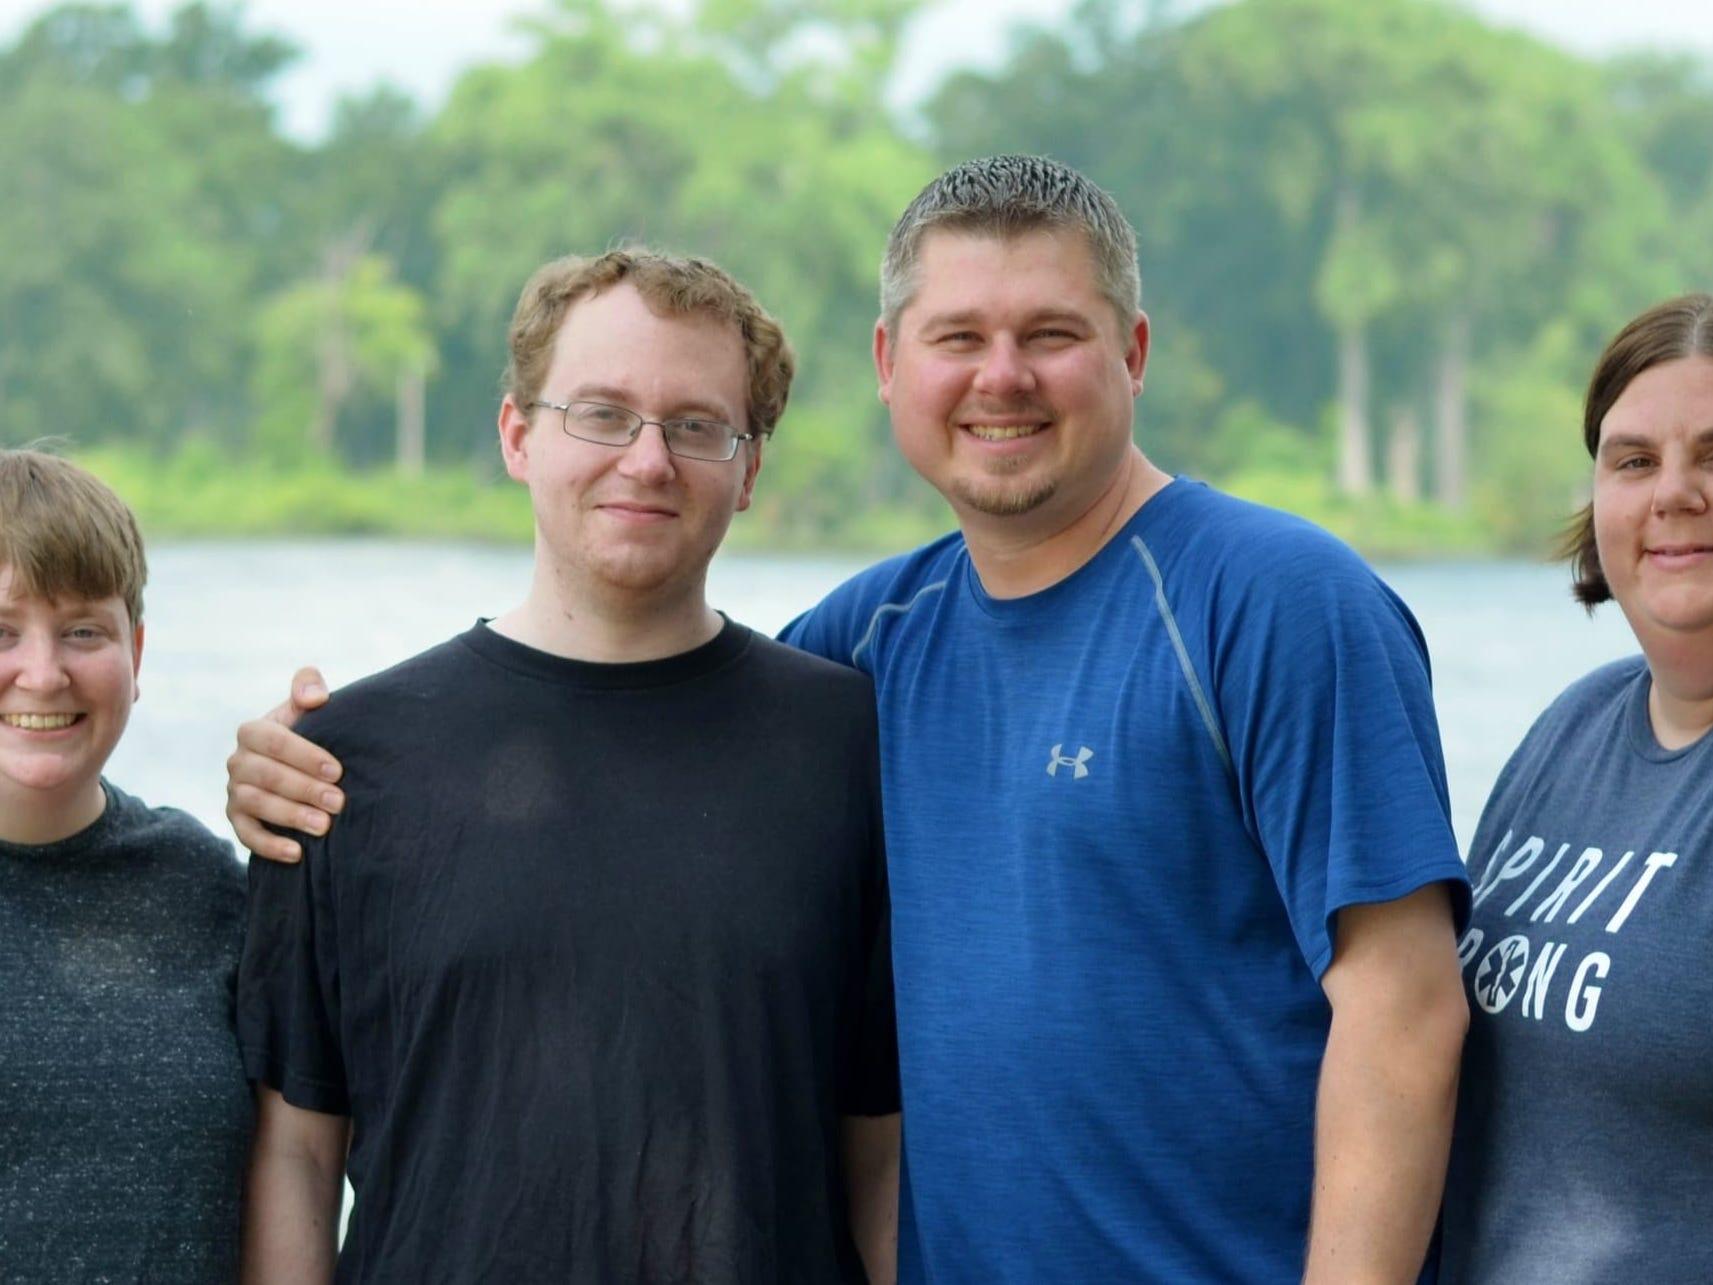 Broughton-Bablitch Family Photo